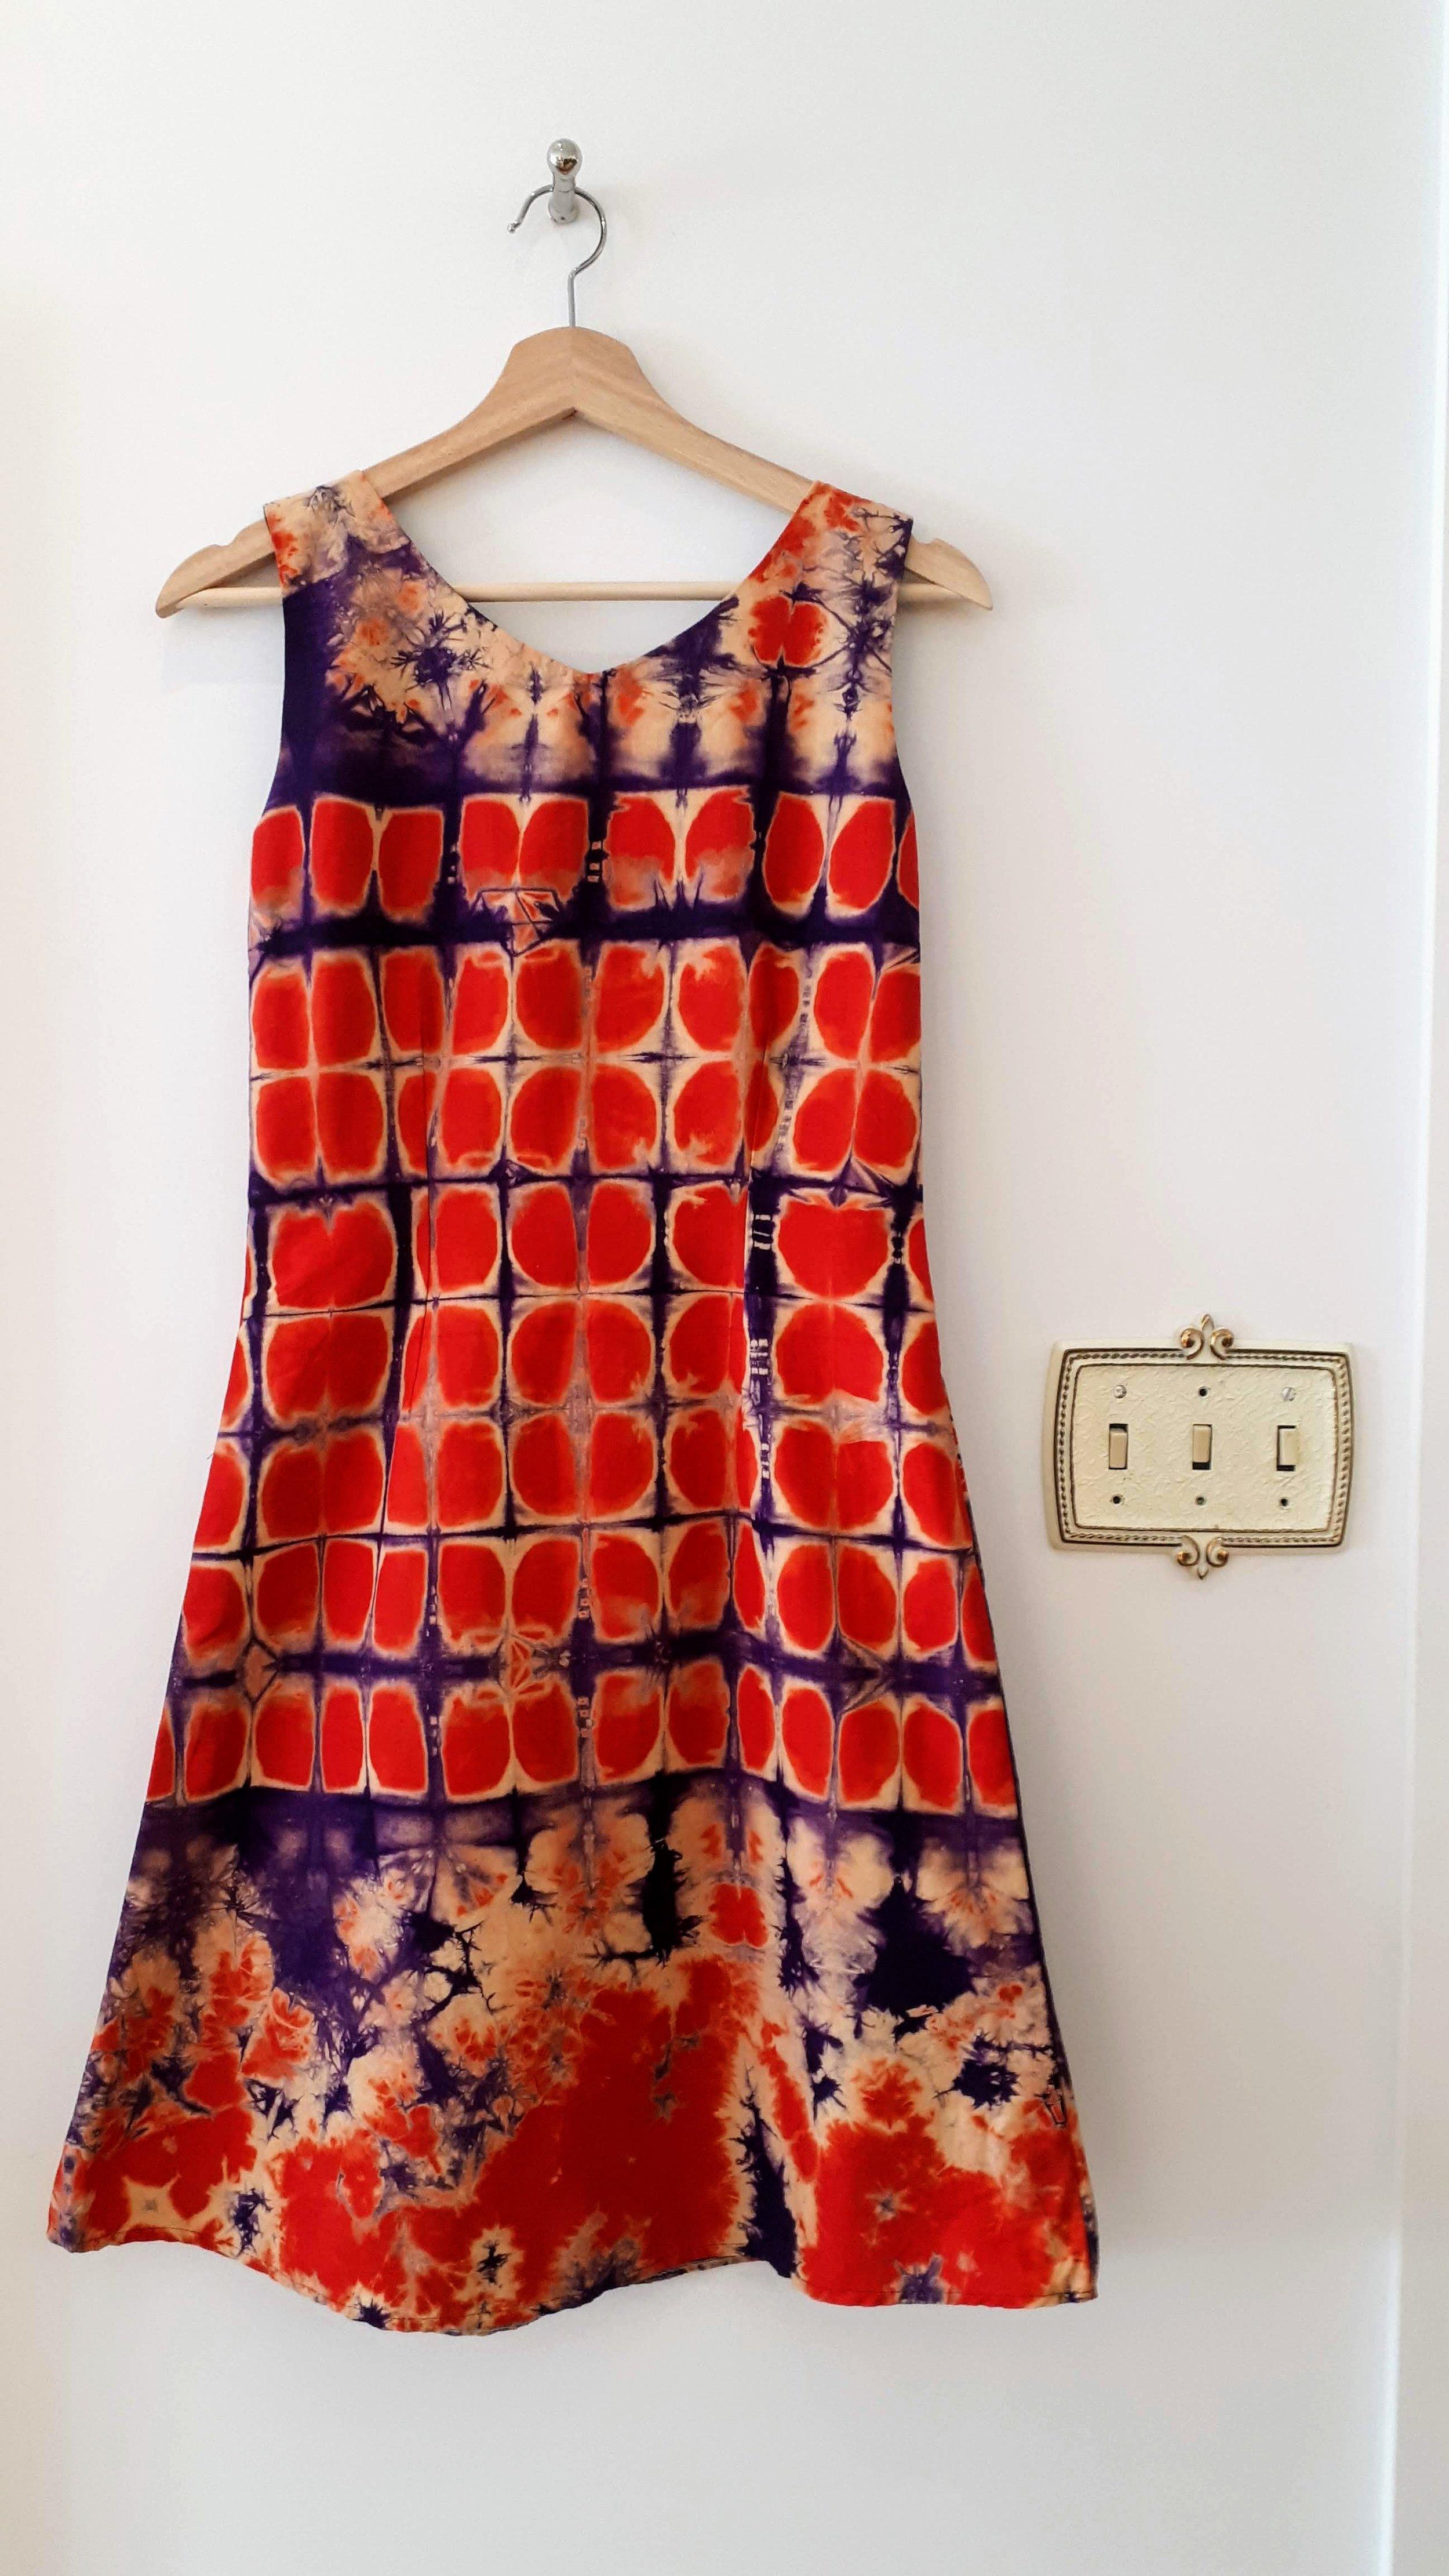 Batik dress; Size S, $26